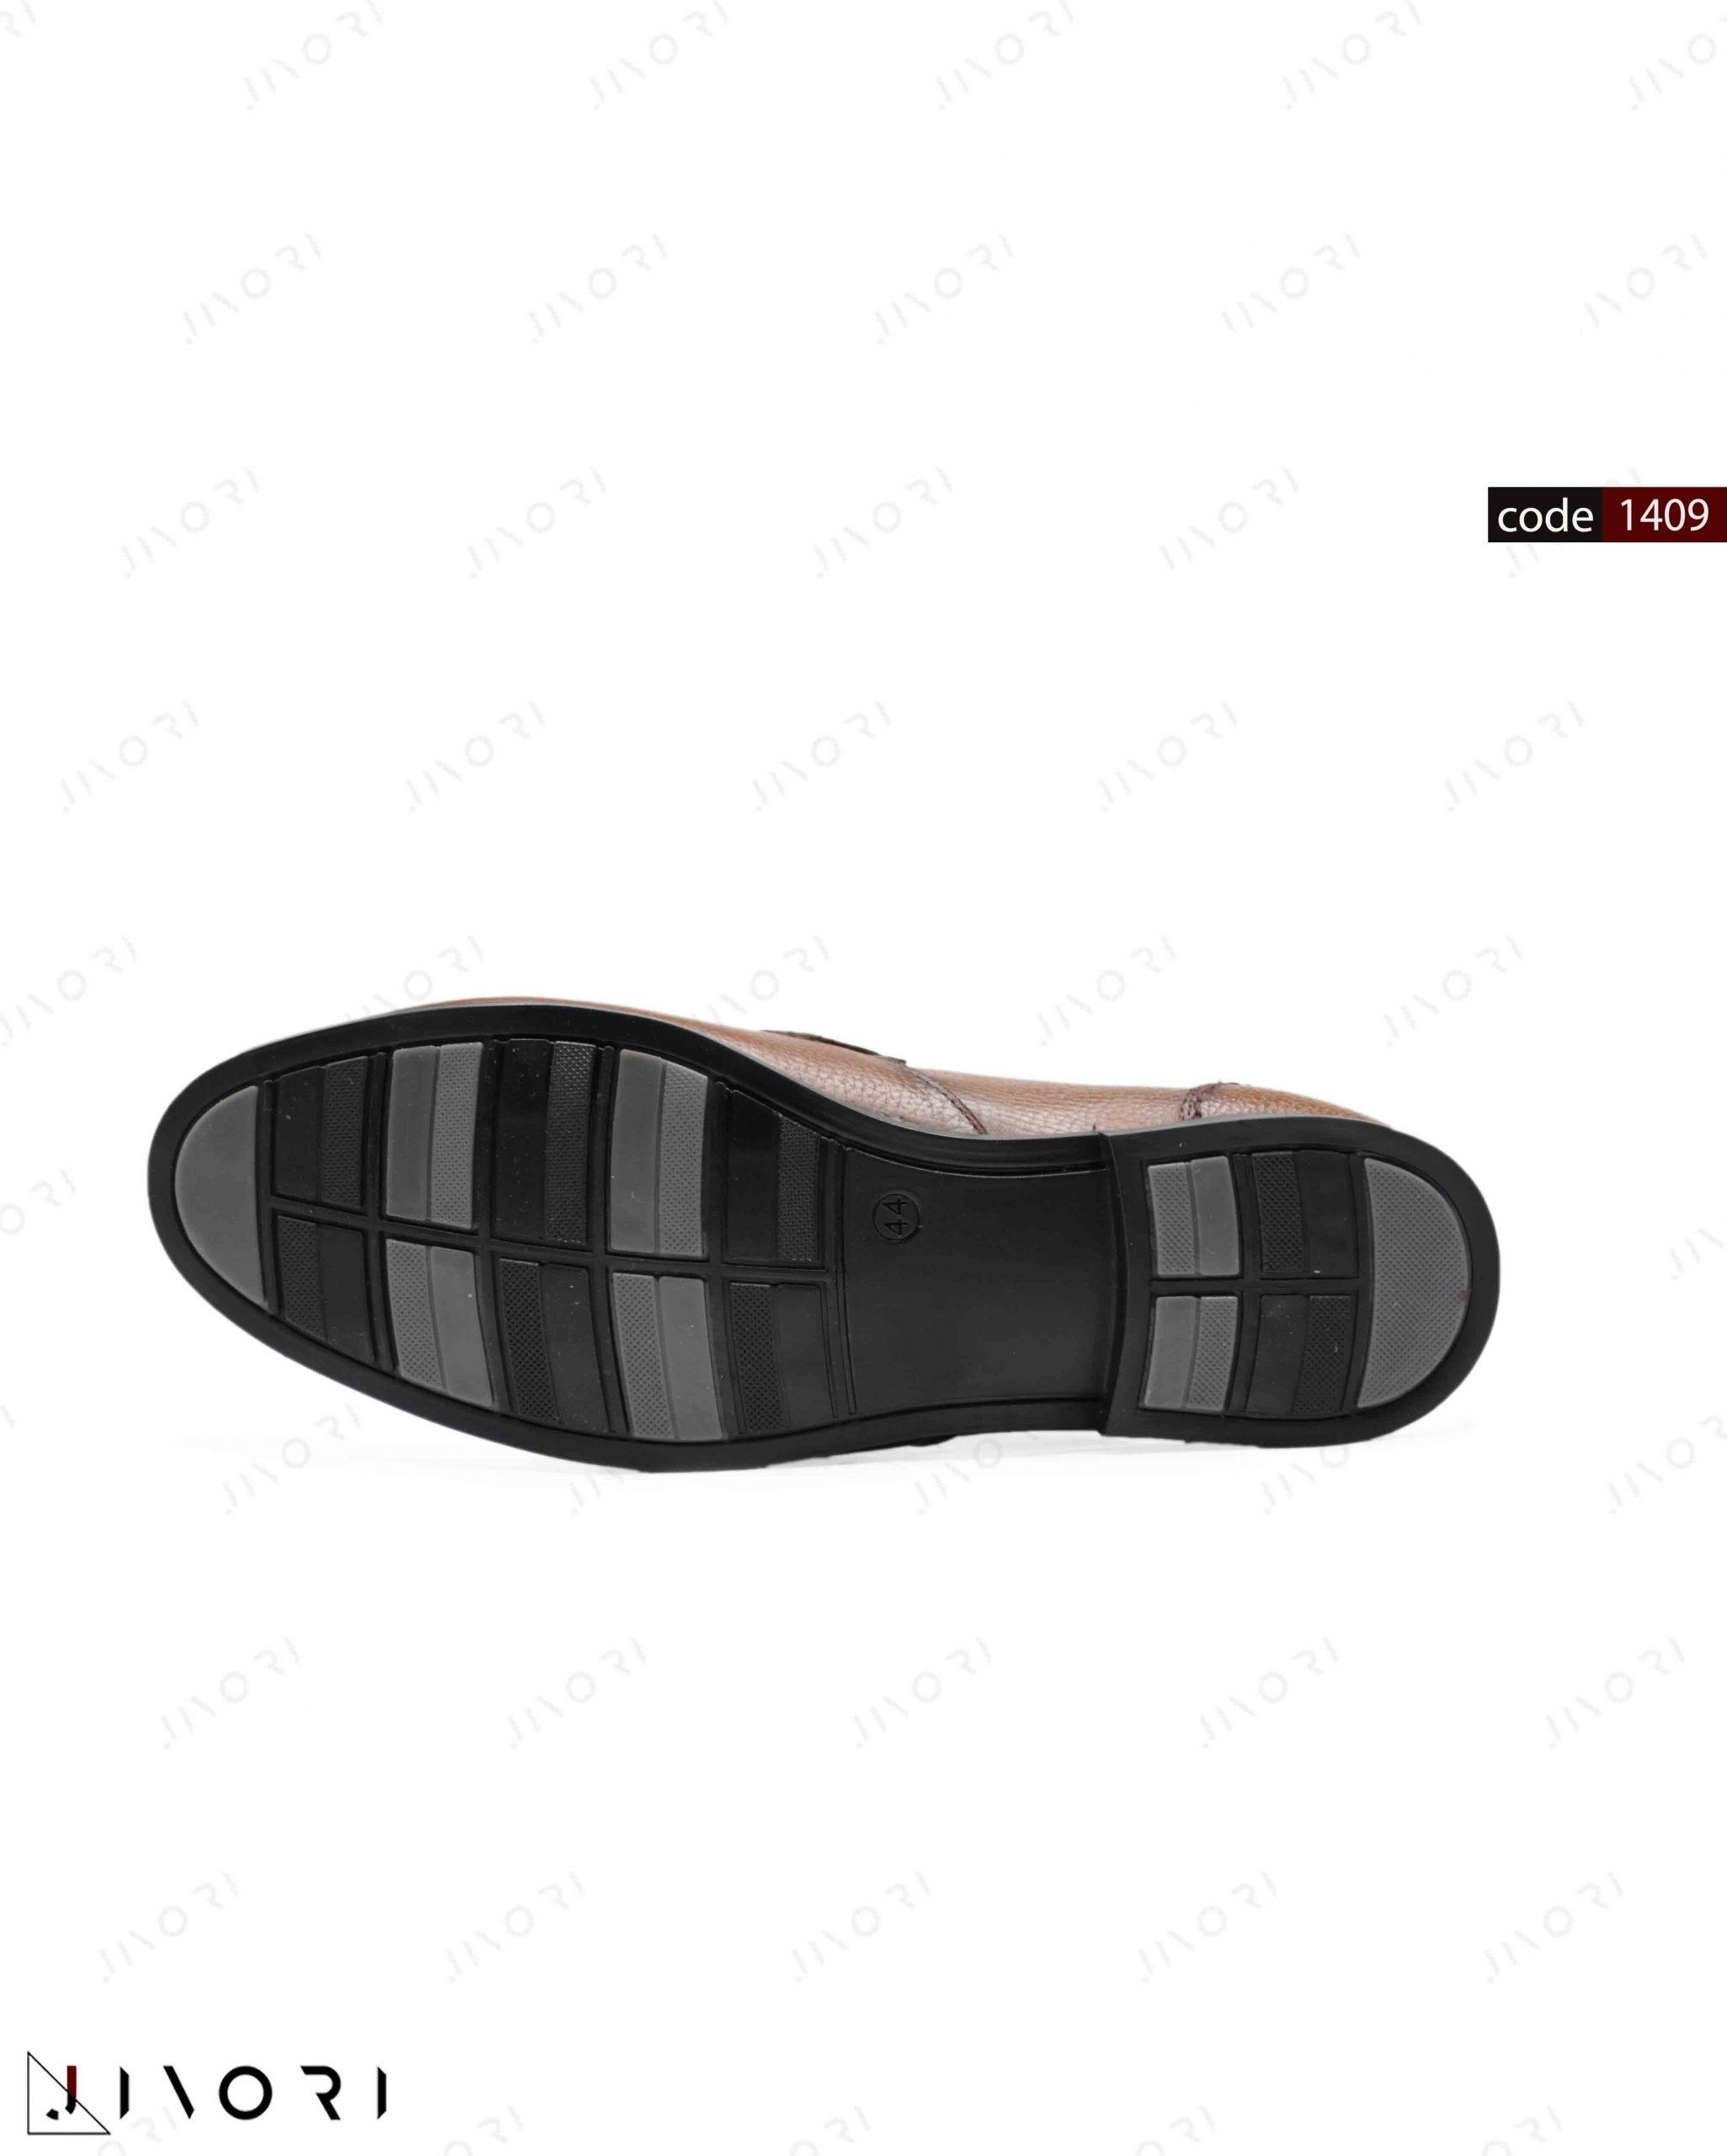 کفش کالج (1409)